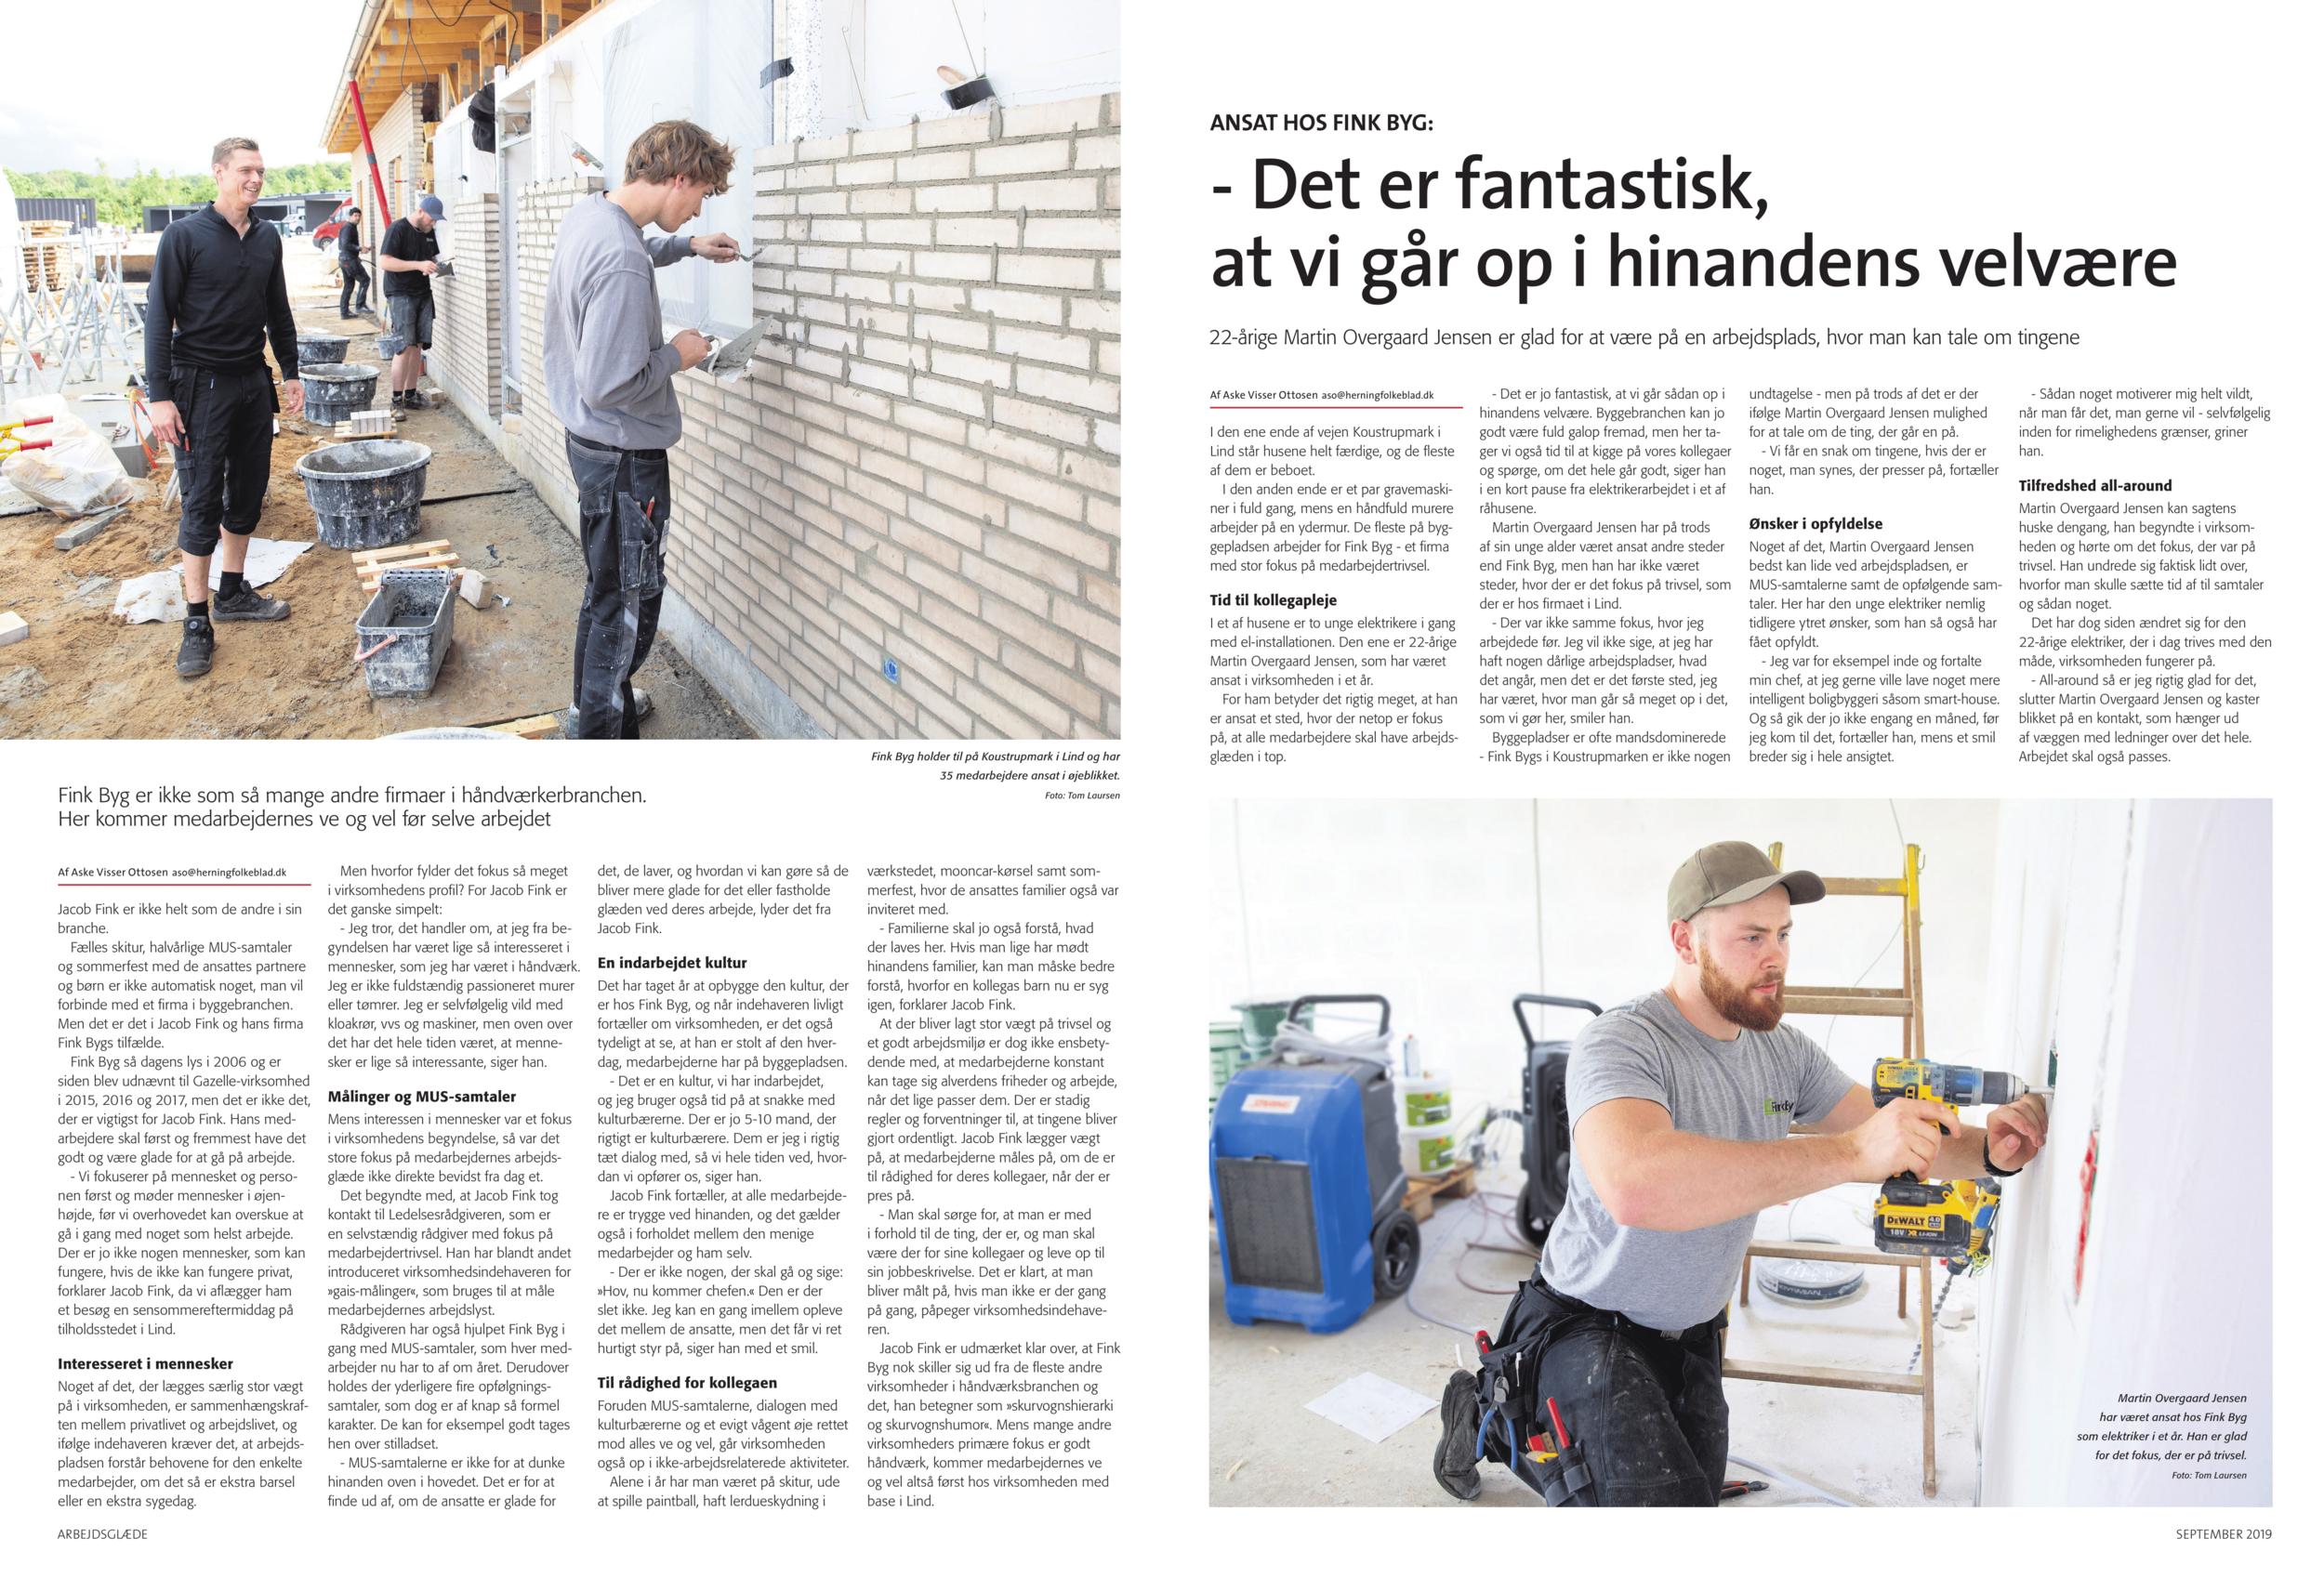 HF Artikel Arbejdstrivsel 10 Sept 2019 (1)-kopi-1.png